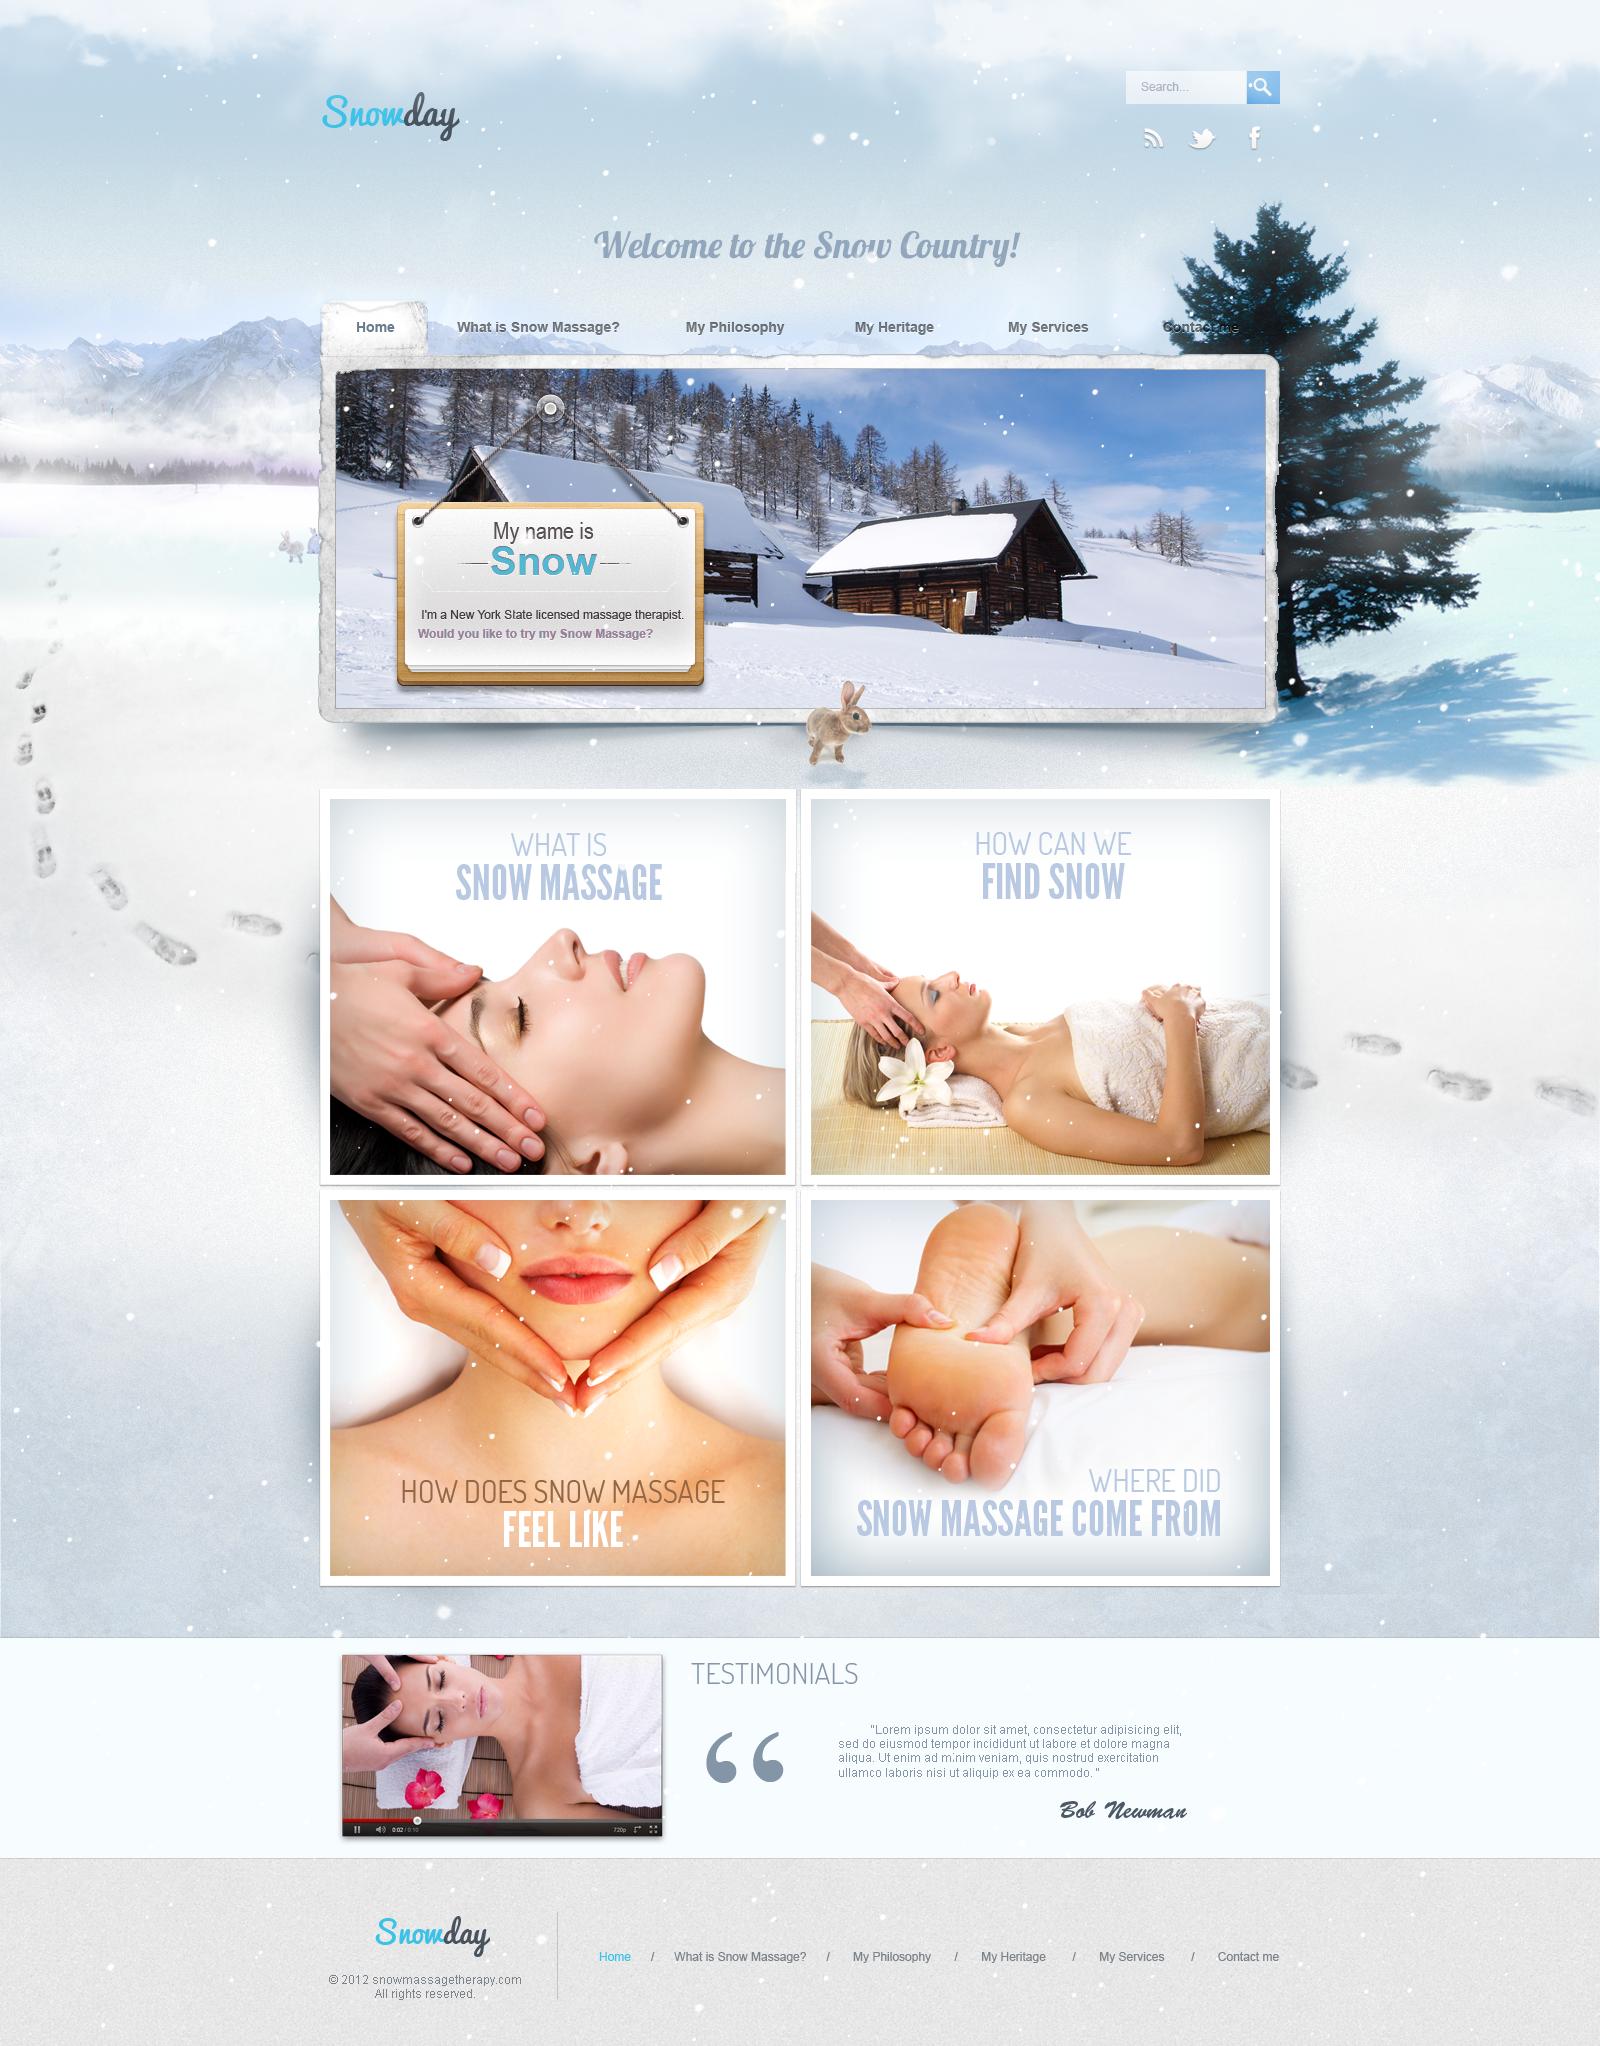 snow_massage_by_bob_project-d523fyz.png